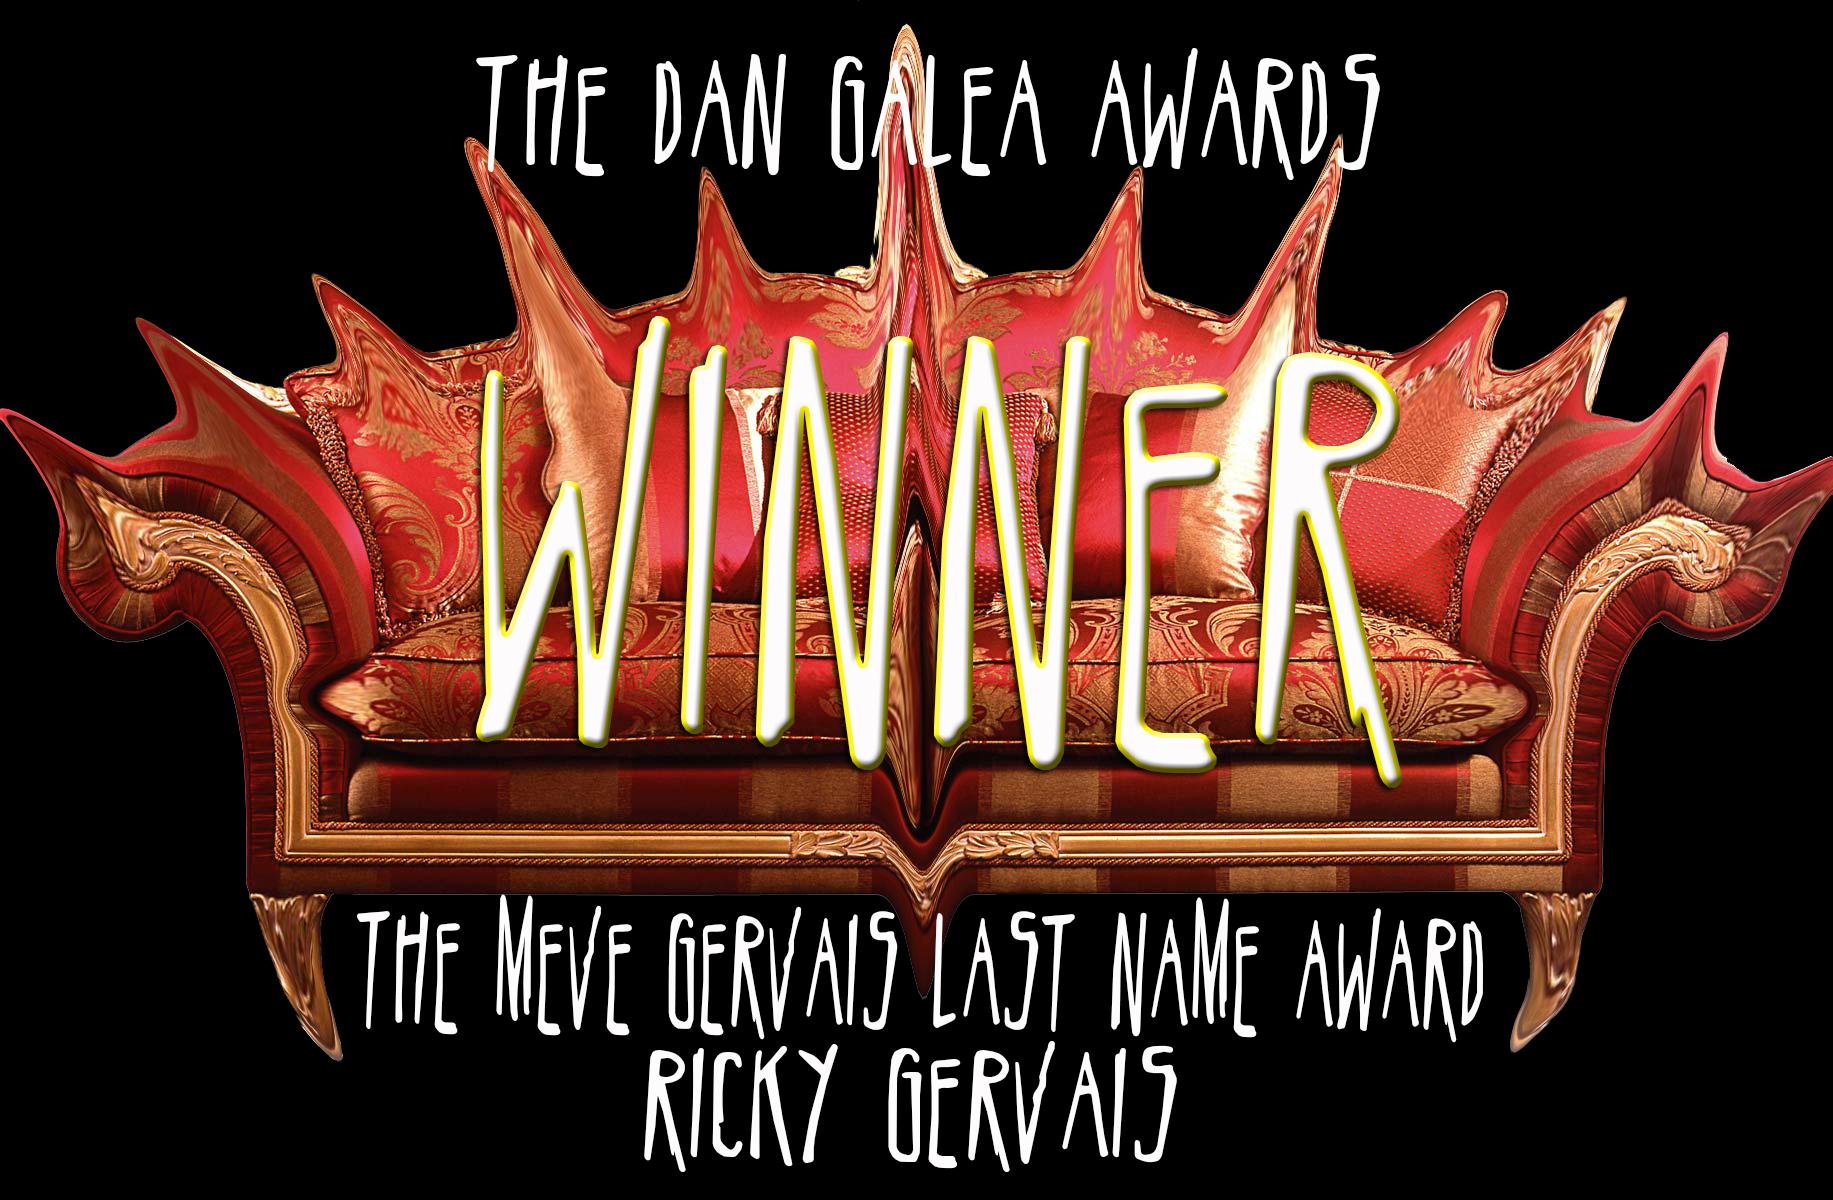 DGawards ricky Gervais.jpg